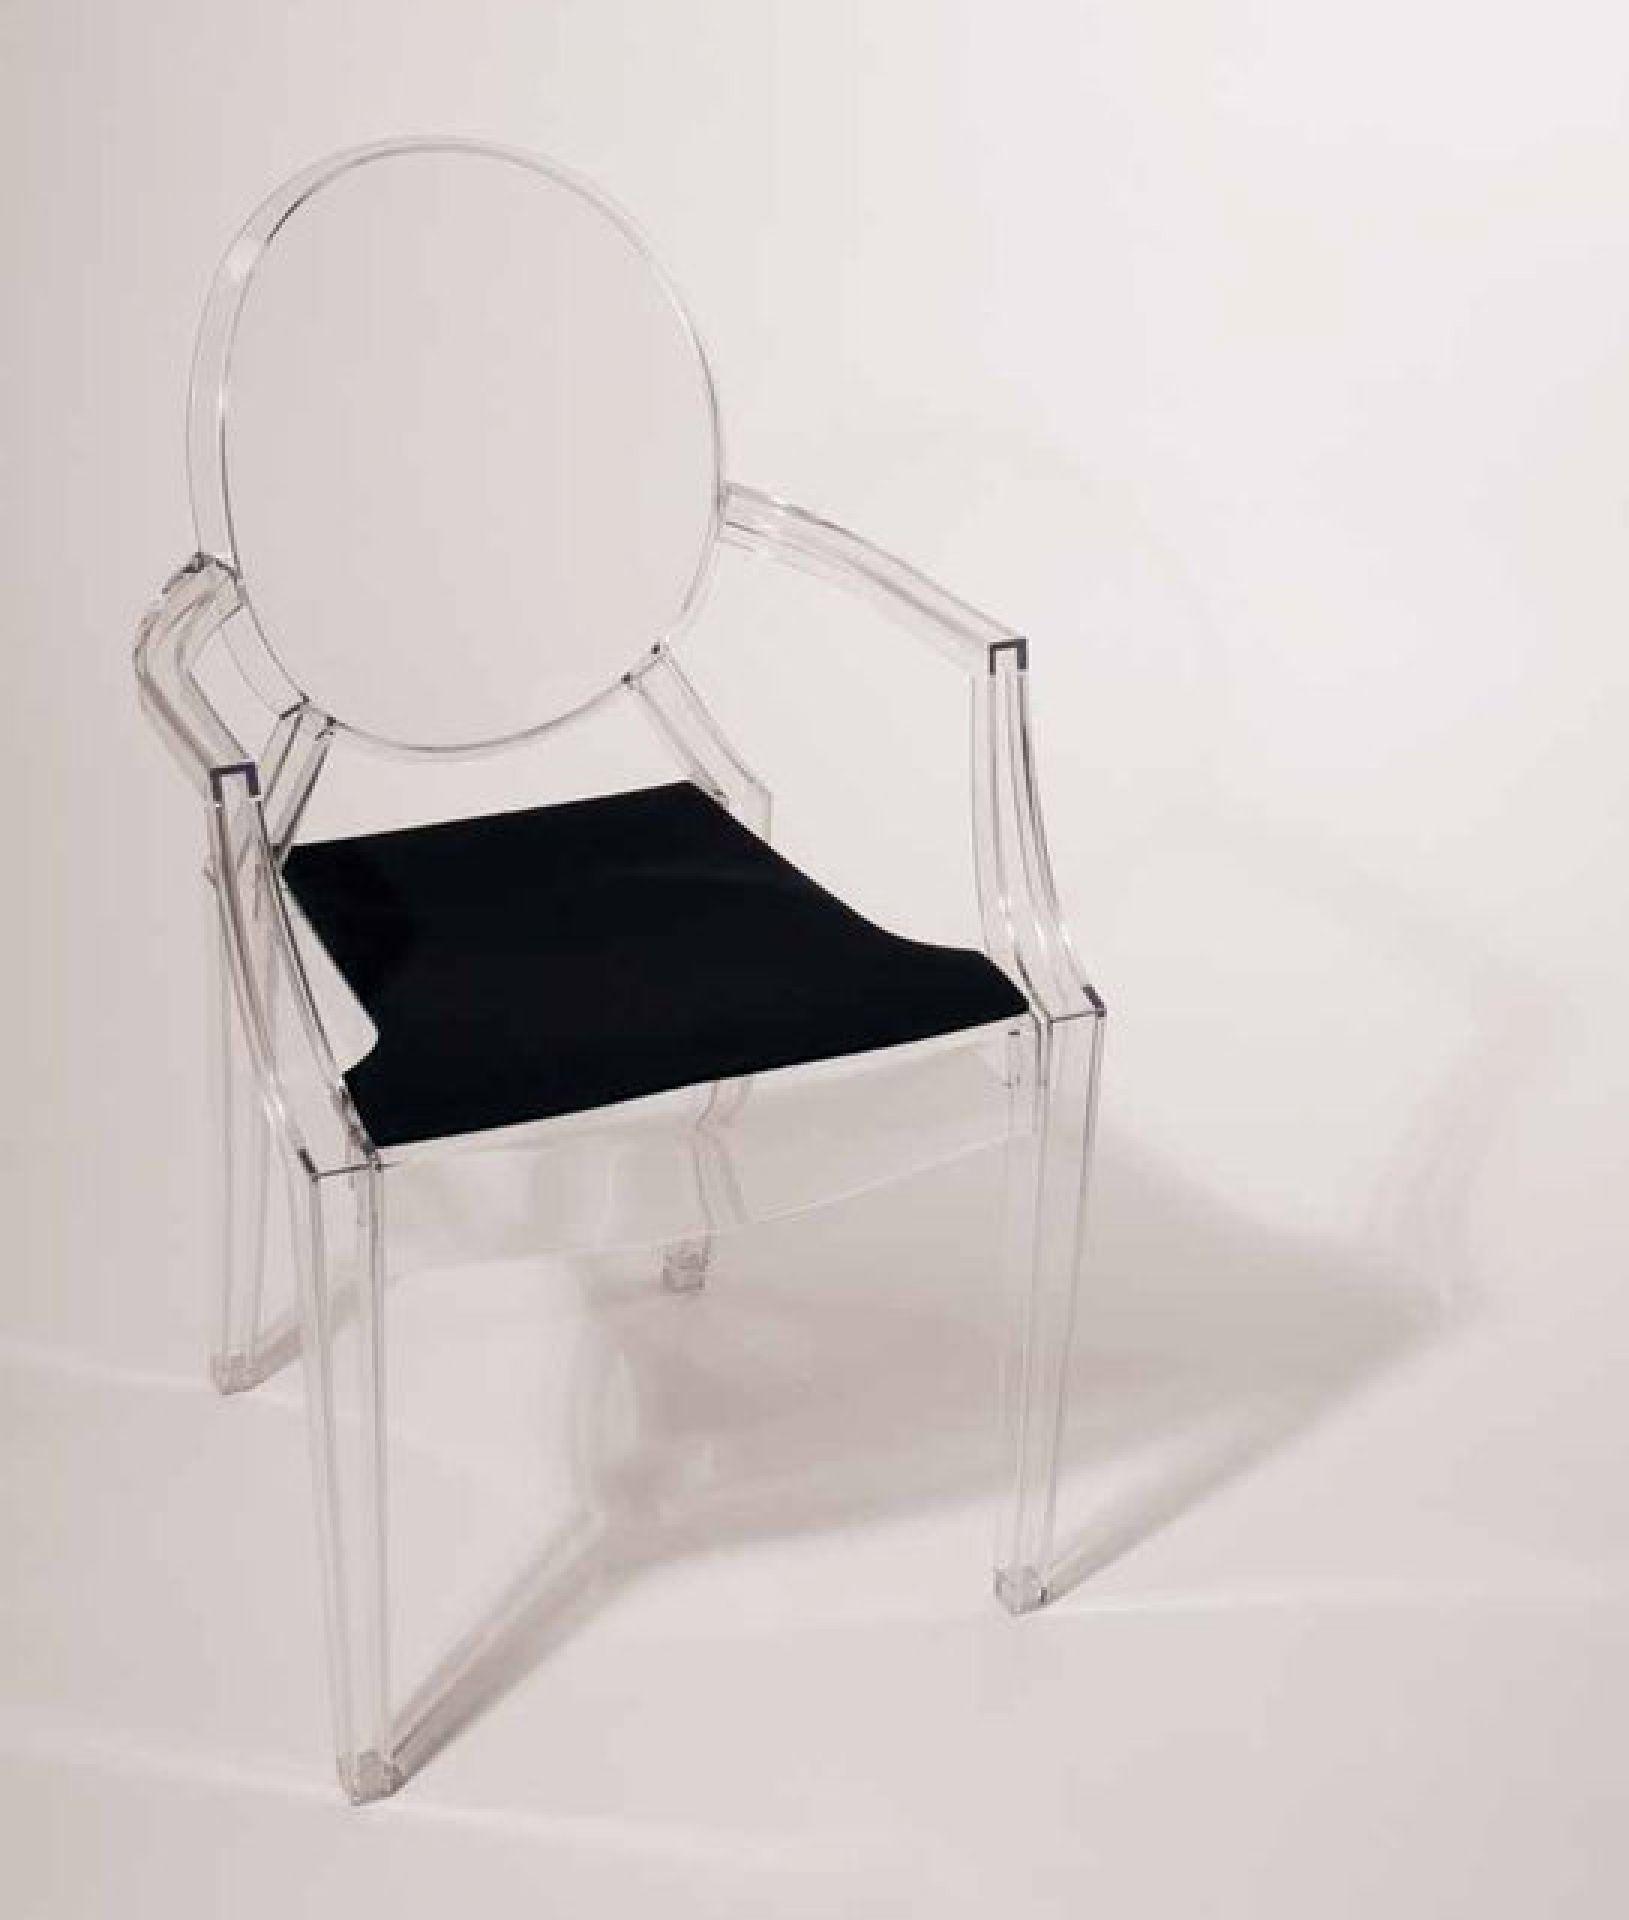 Sitzauflage - Filzauflage für Louis Ghost, Philippe Starck